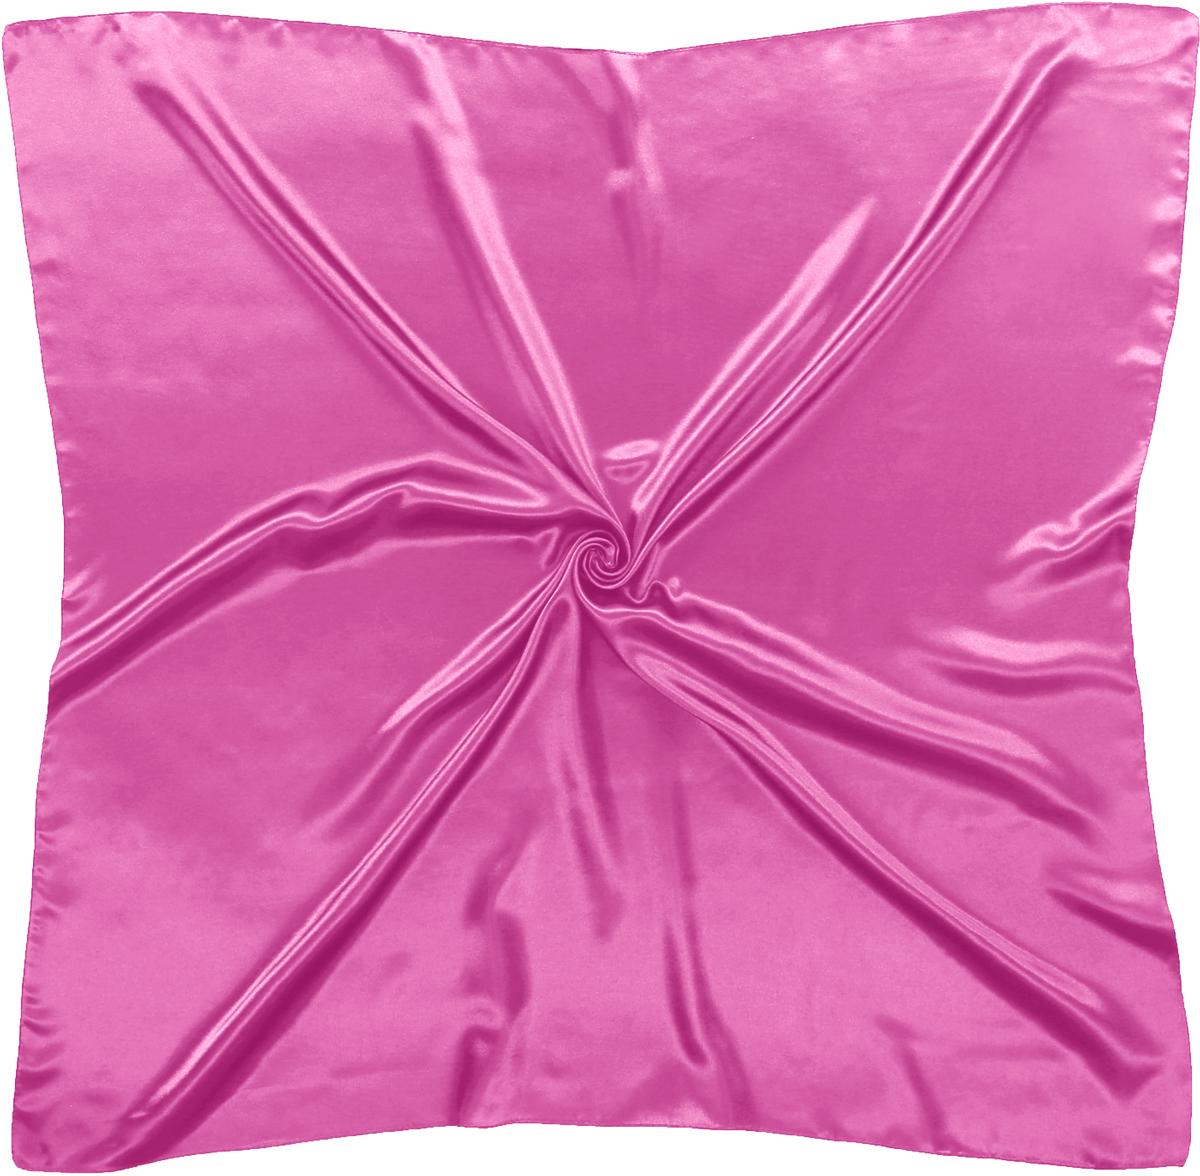 Платок женский Модные истории, цвет: розовый. 23/0582/115. Размер 90 см x 90 см